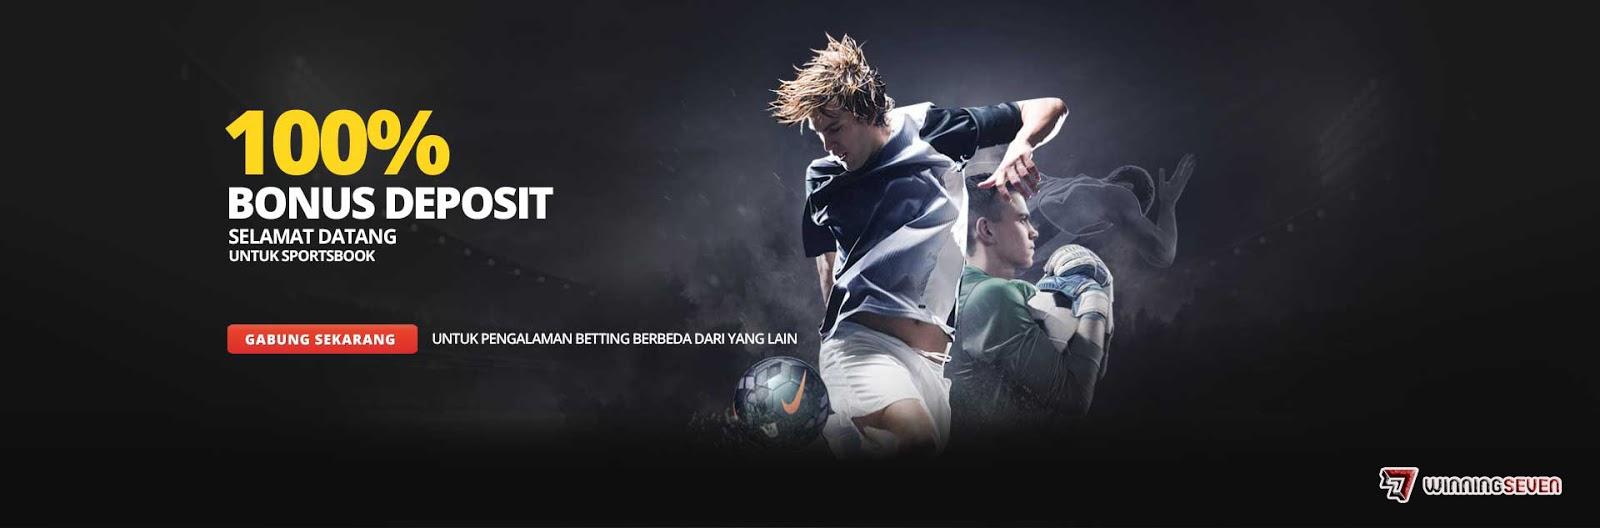 Situs Agen Bola Terbaik dan Terpercaya Winningseven